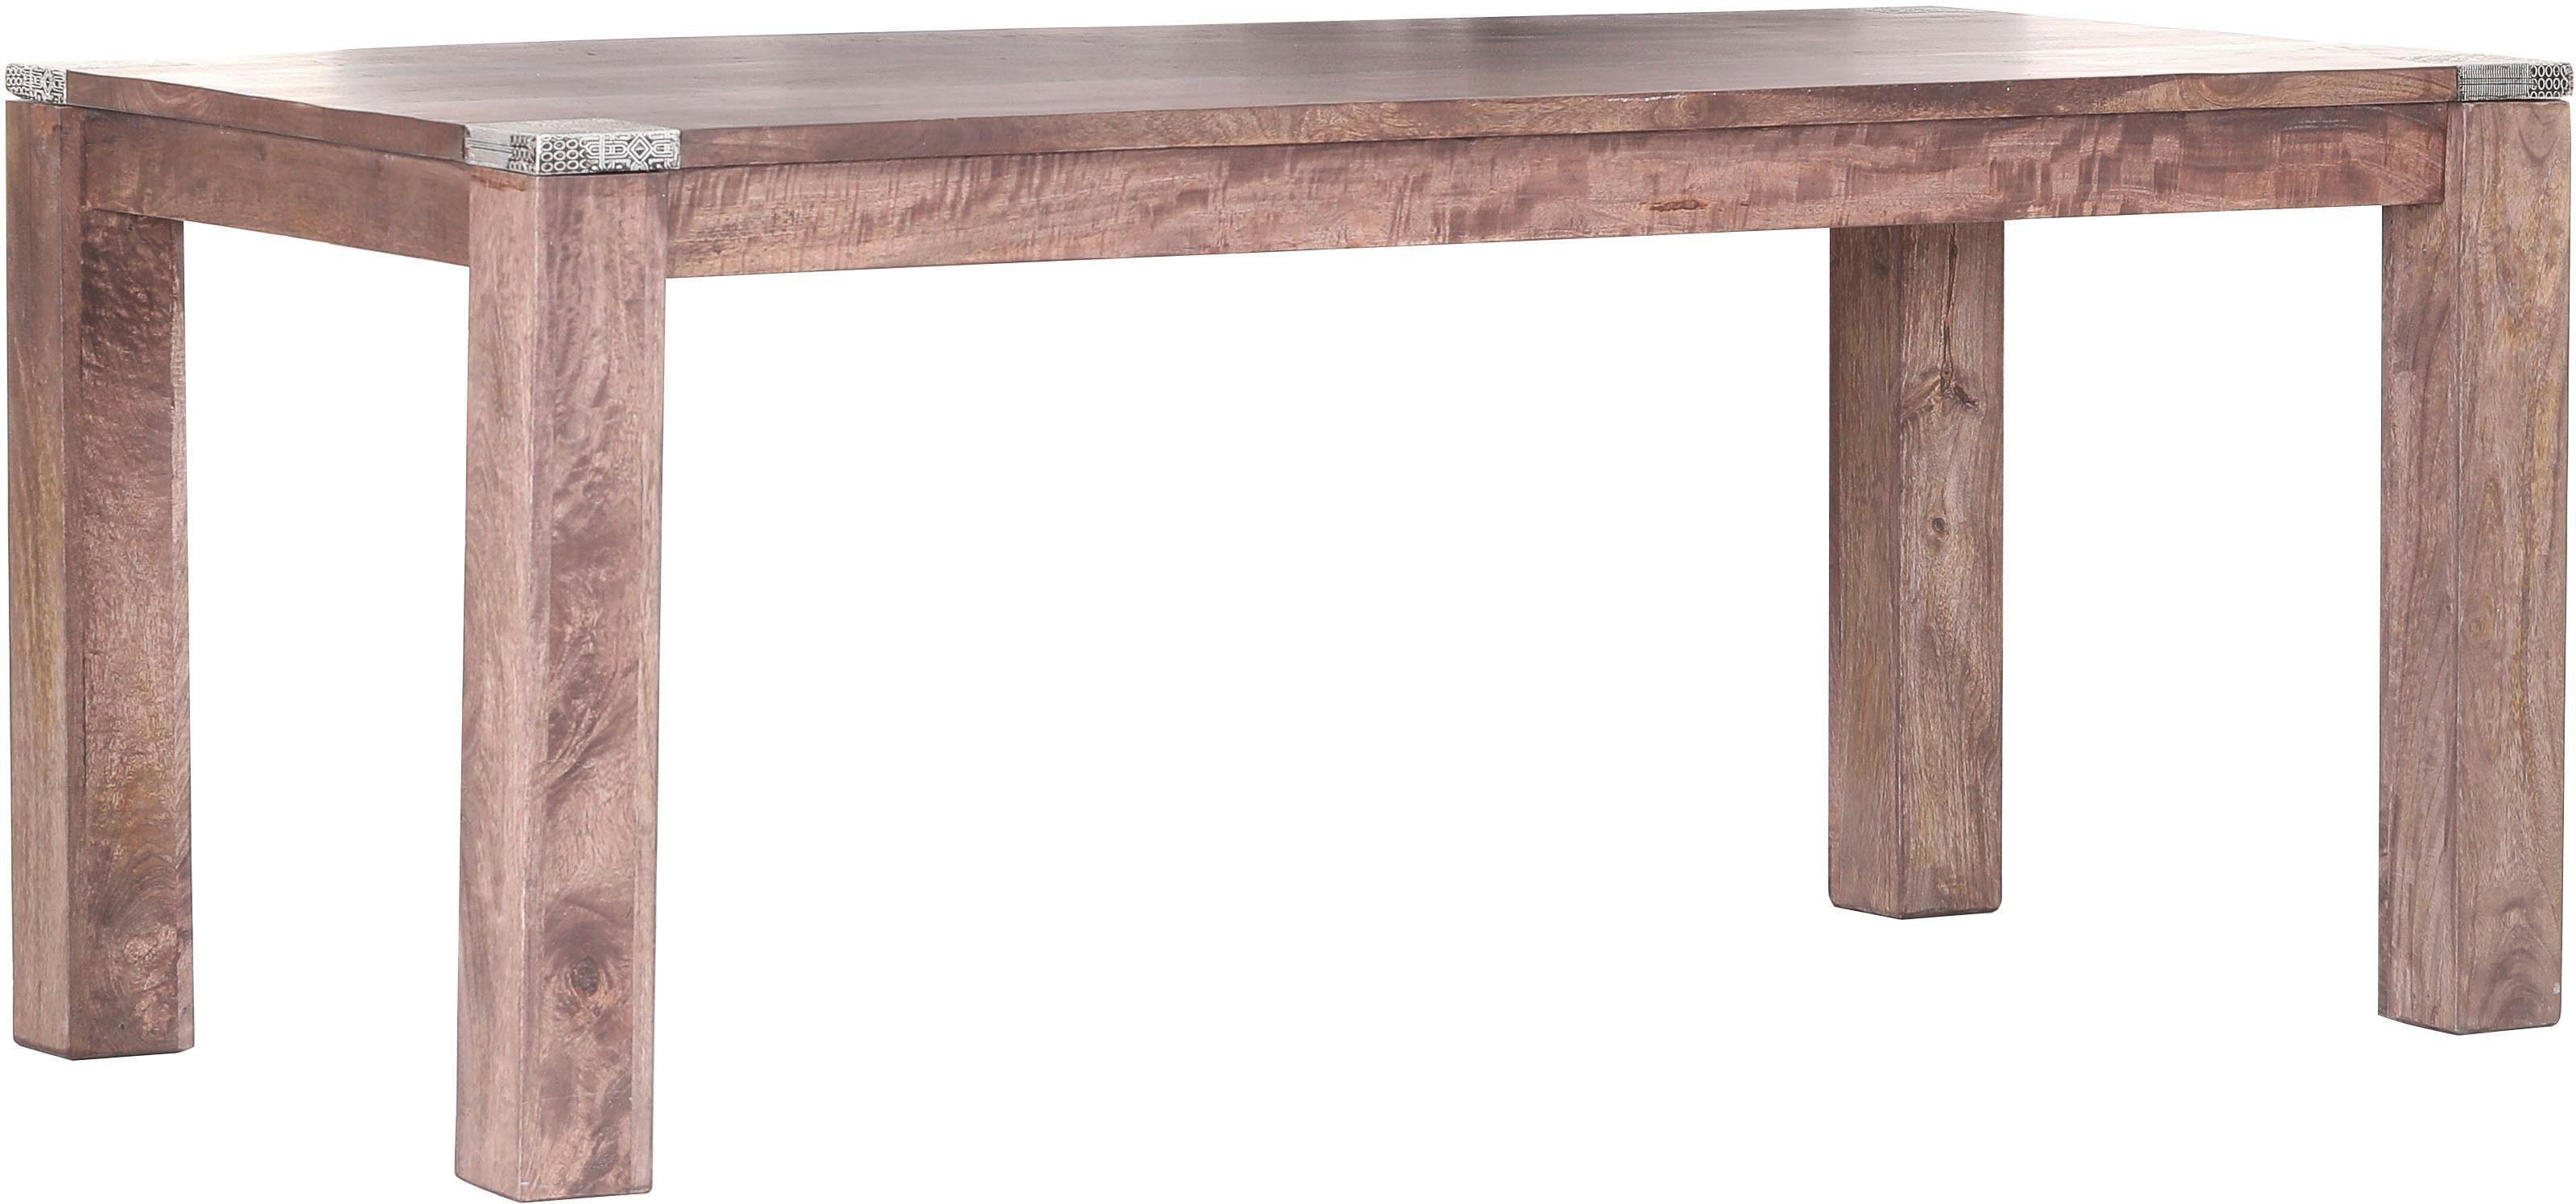 Gutmann Factory Esstisch »Moreno« mit verzierten Tischecken aus Metall